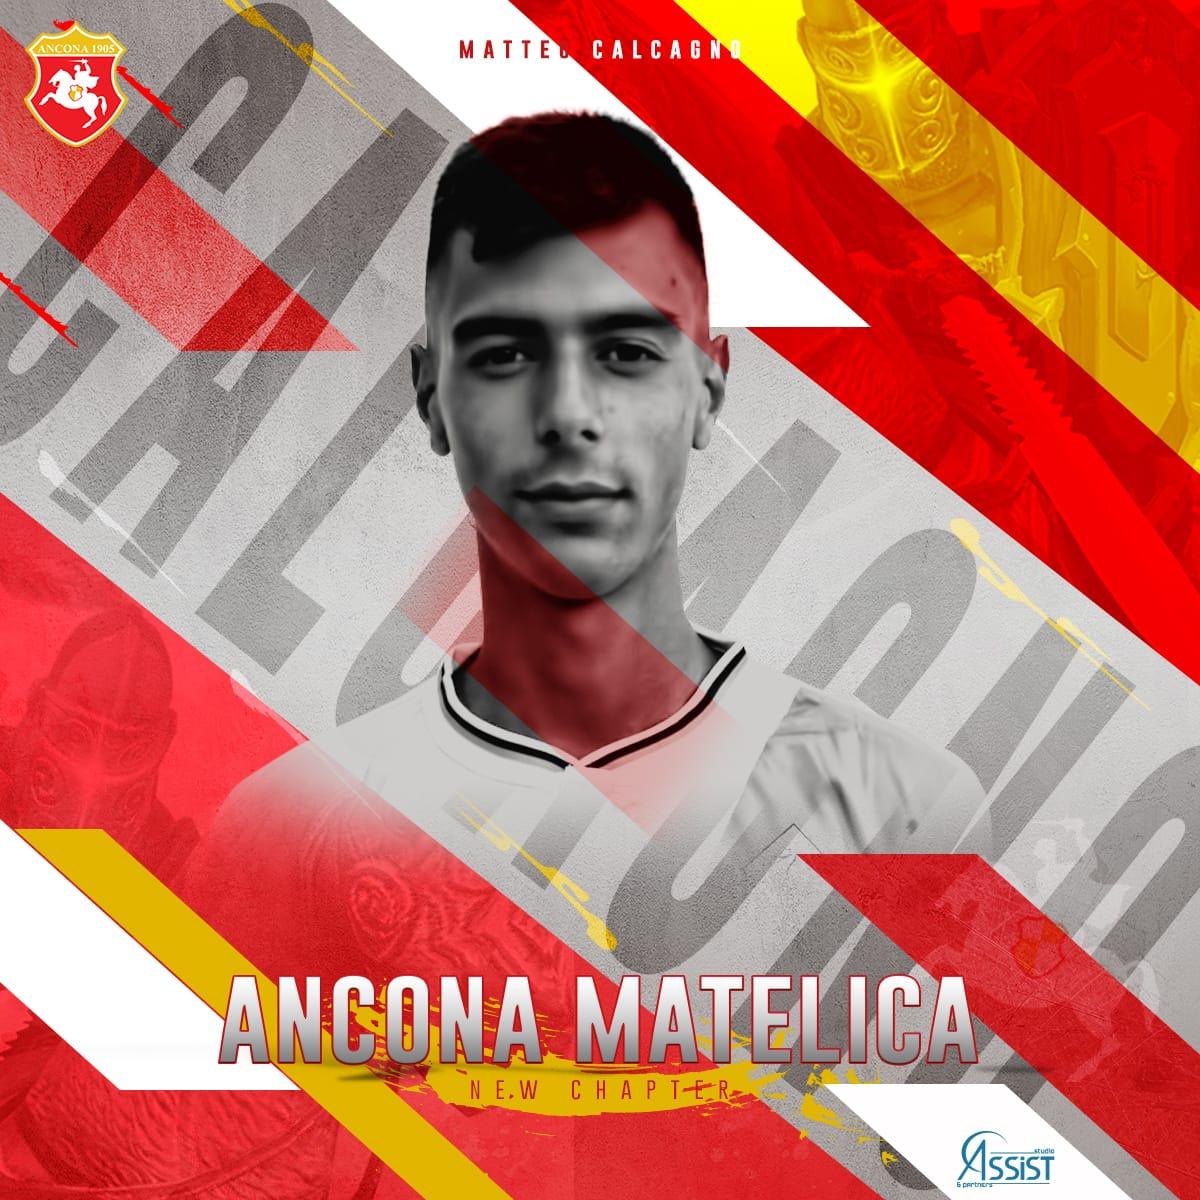 matteo-calcagno-ancona News